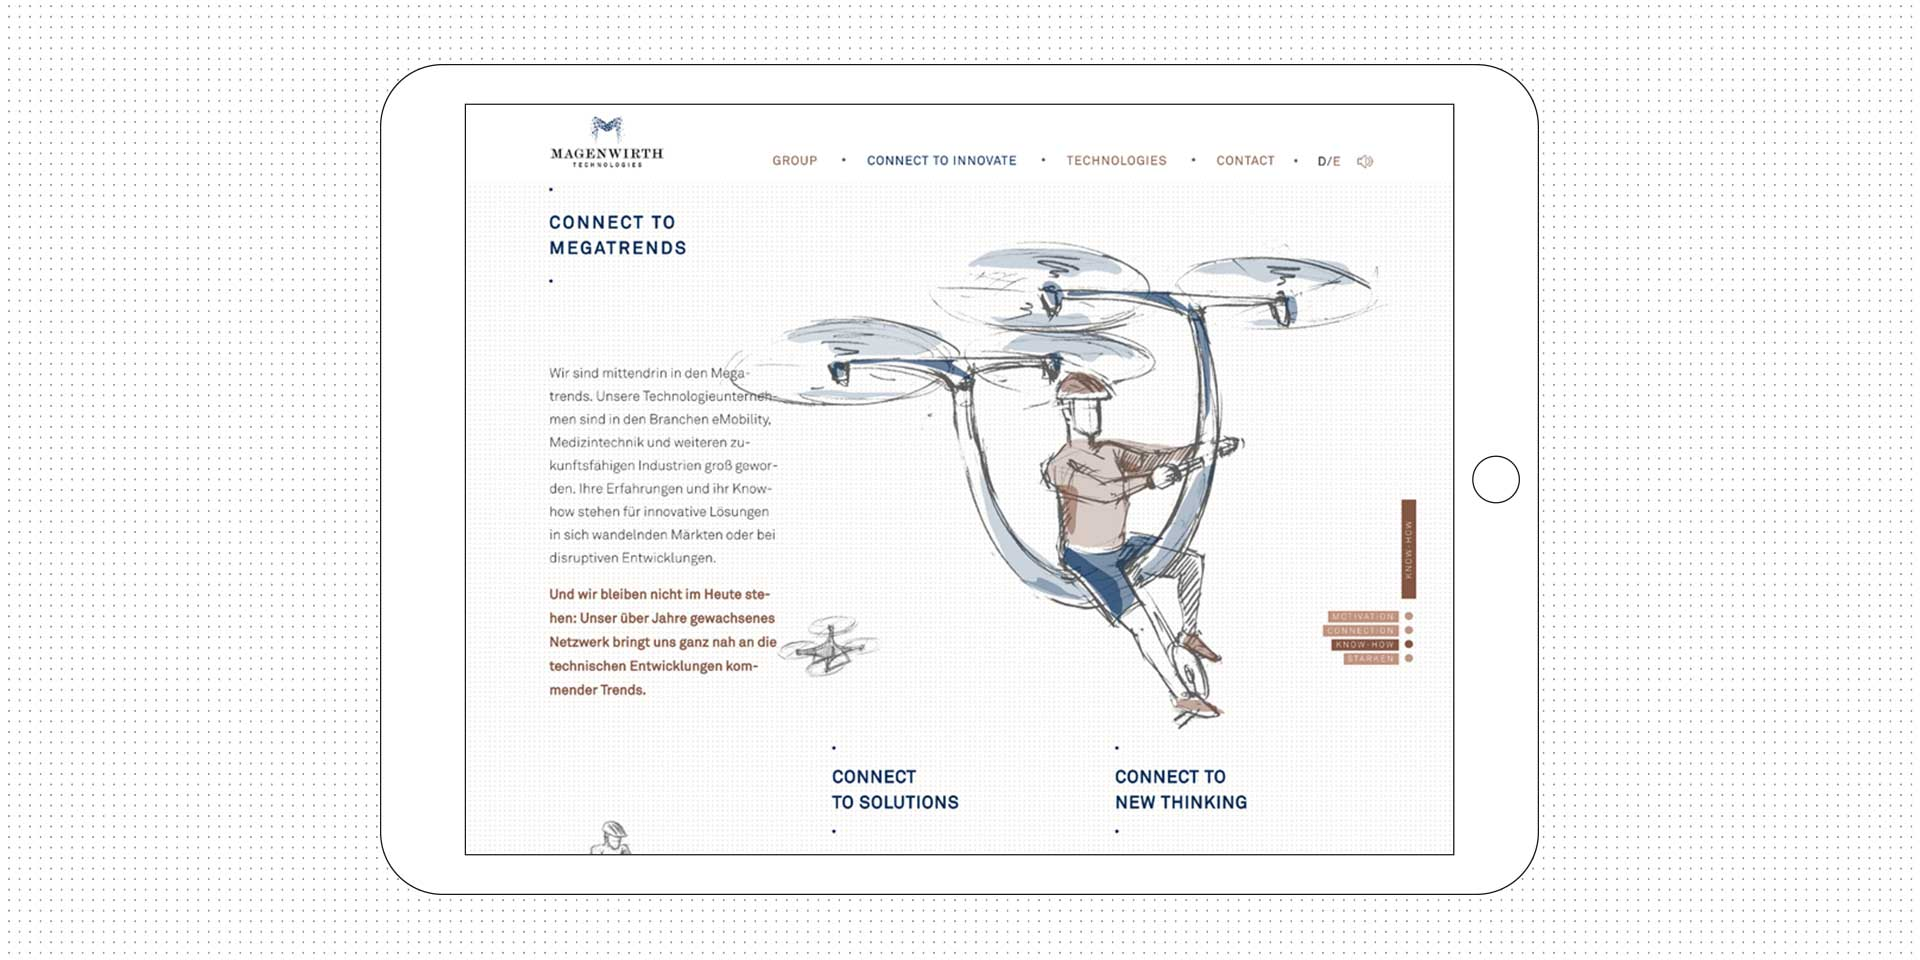 magenwirth-technologies website tablet megatrends polarwerk